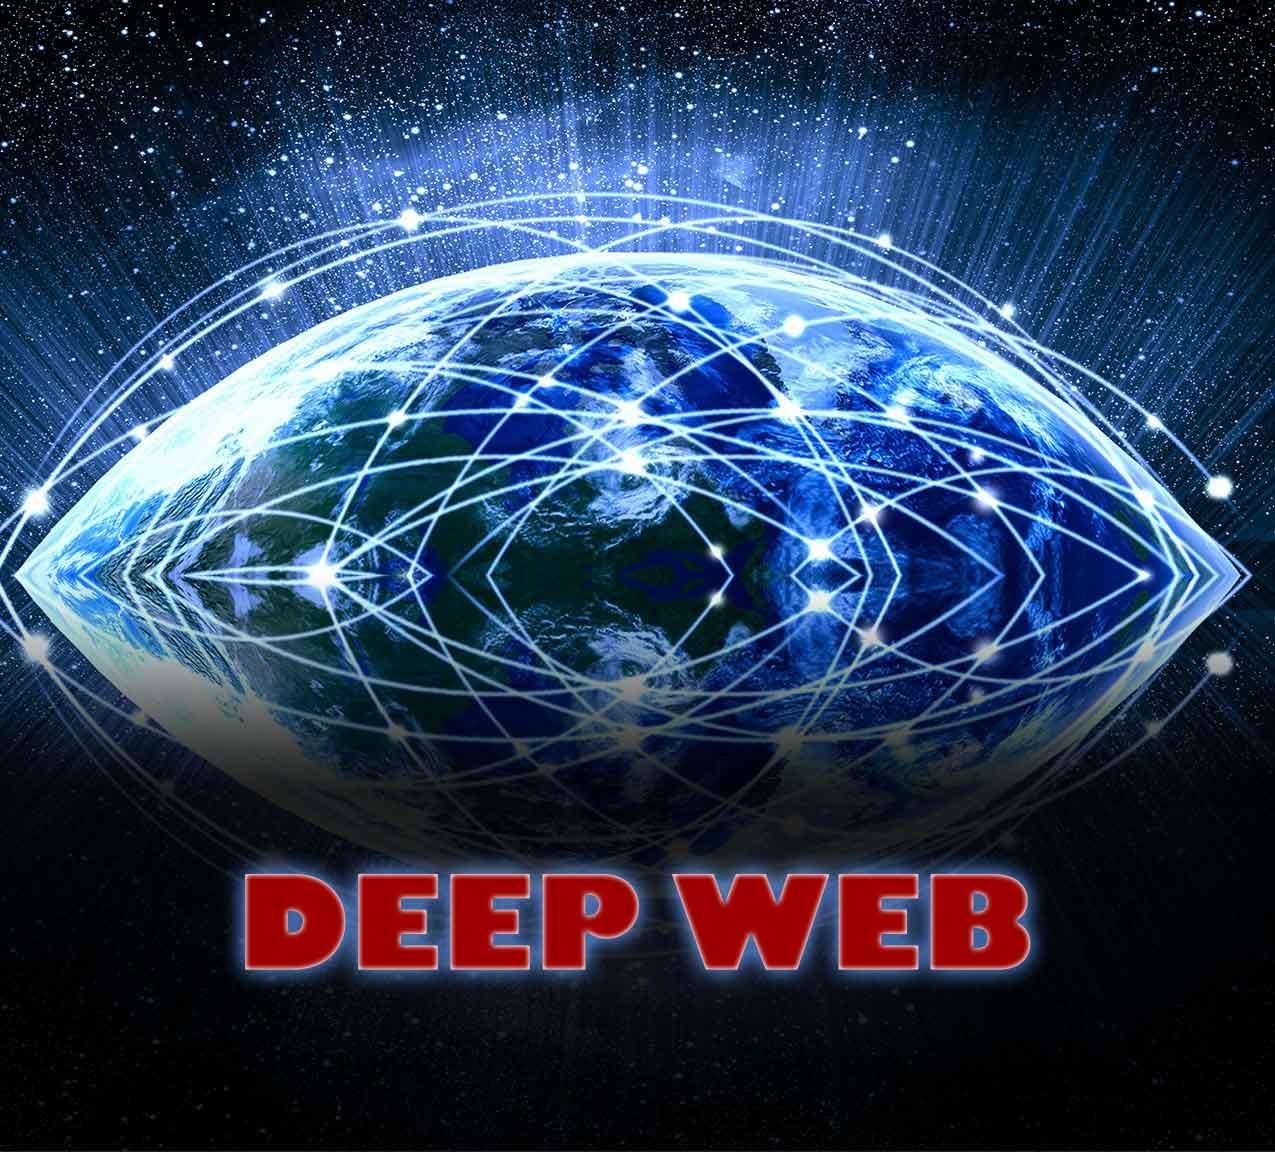 Il Deep Web, istruzioni per il non uso